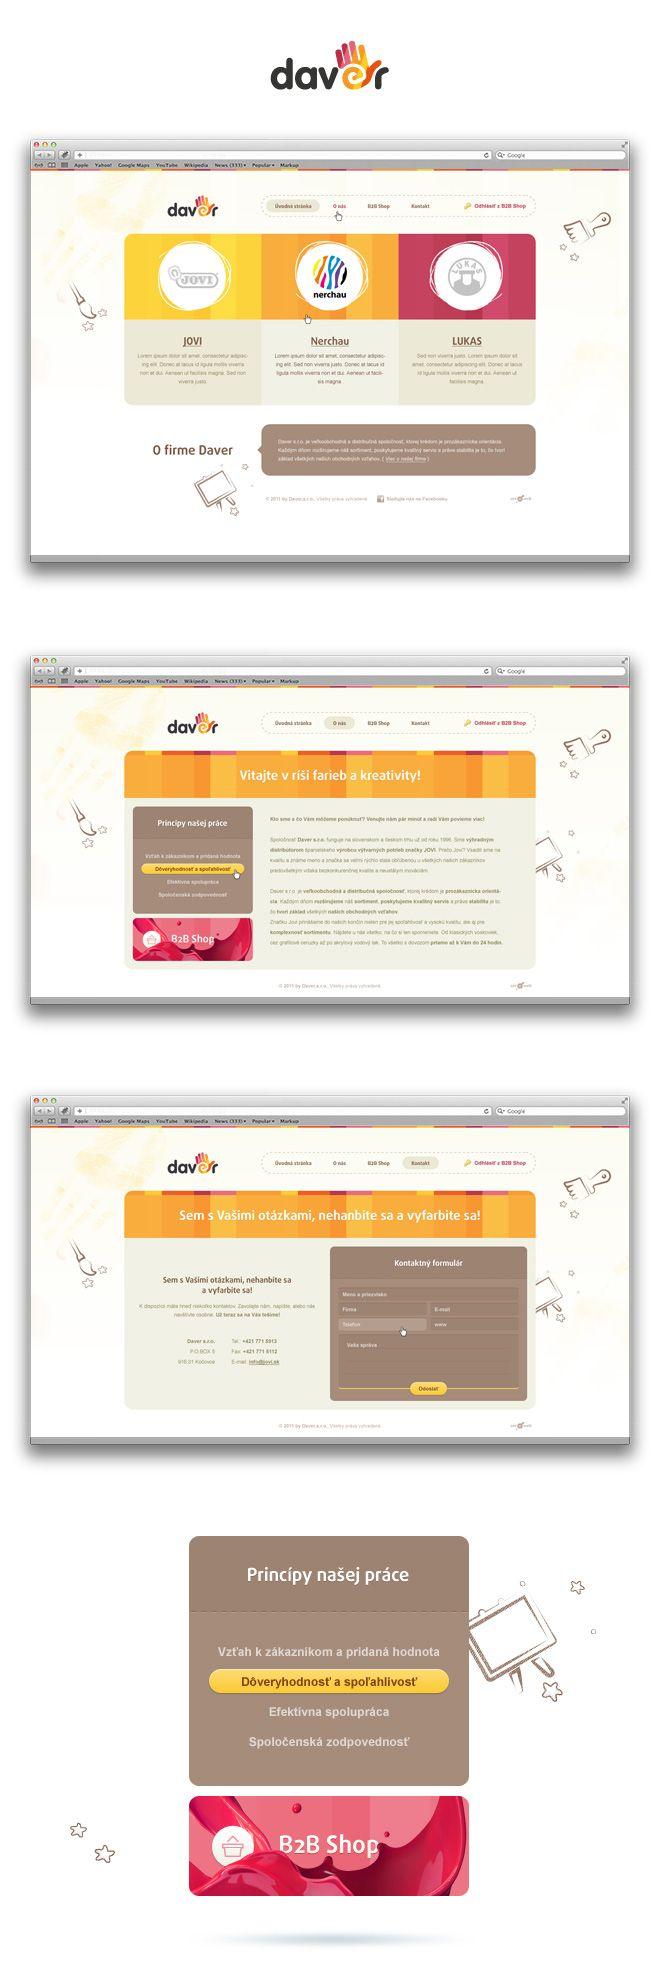 JOVI & Daver | Art4web | Kreatívna internetová agentúra | Tvorba webstránok, Grafický design, Copywriting, SEO